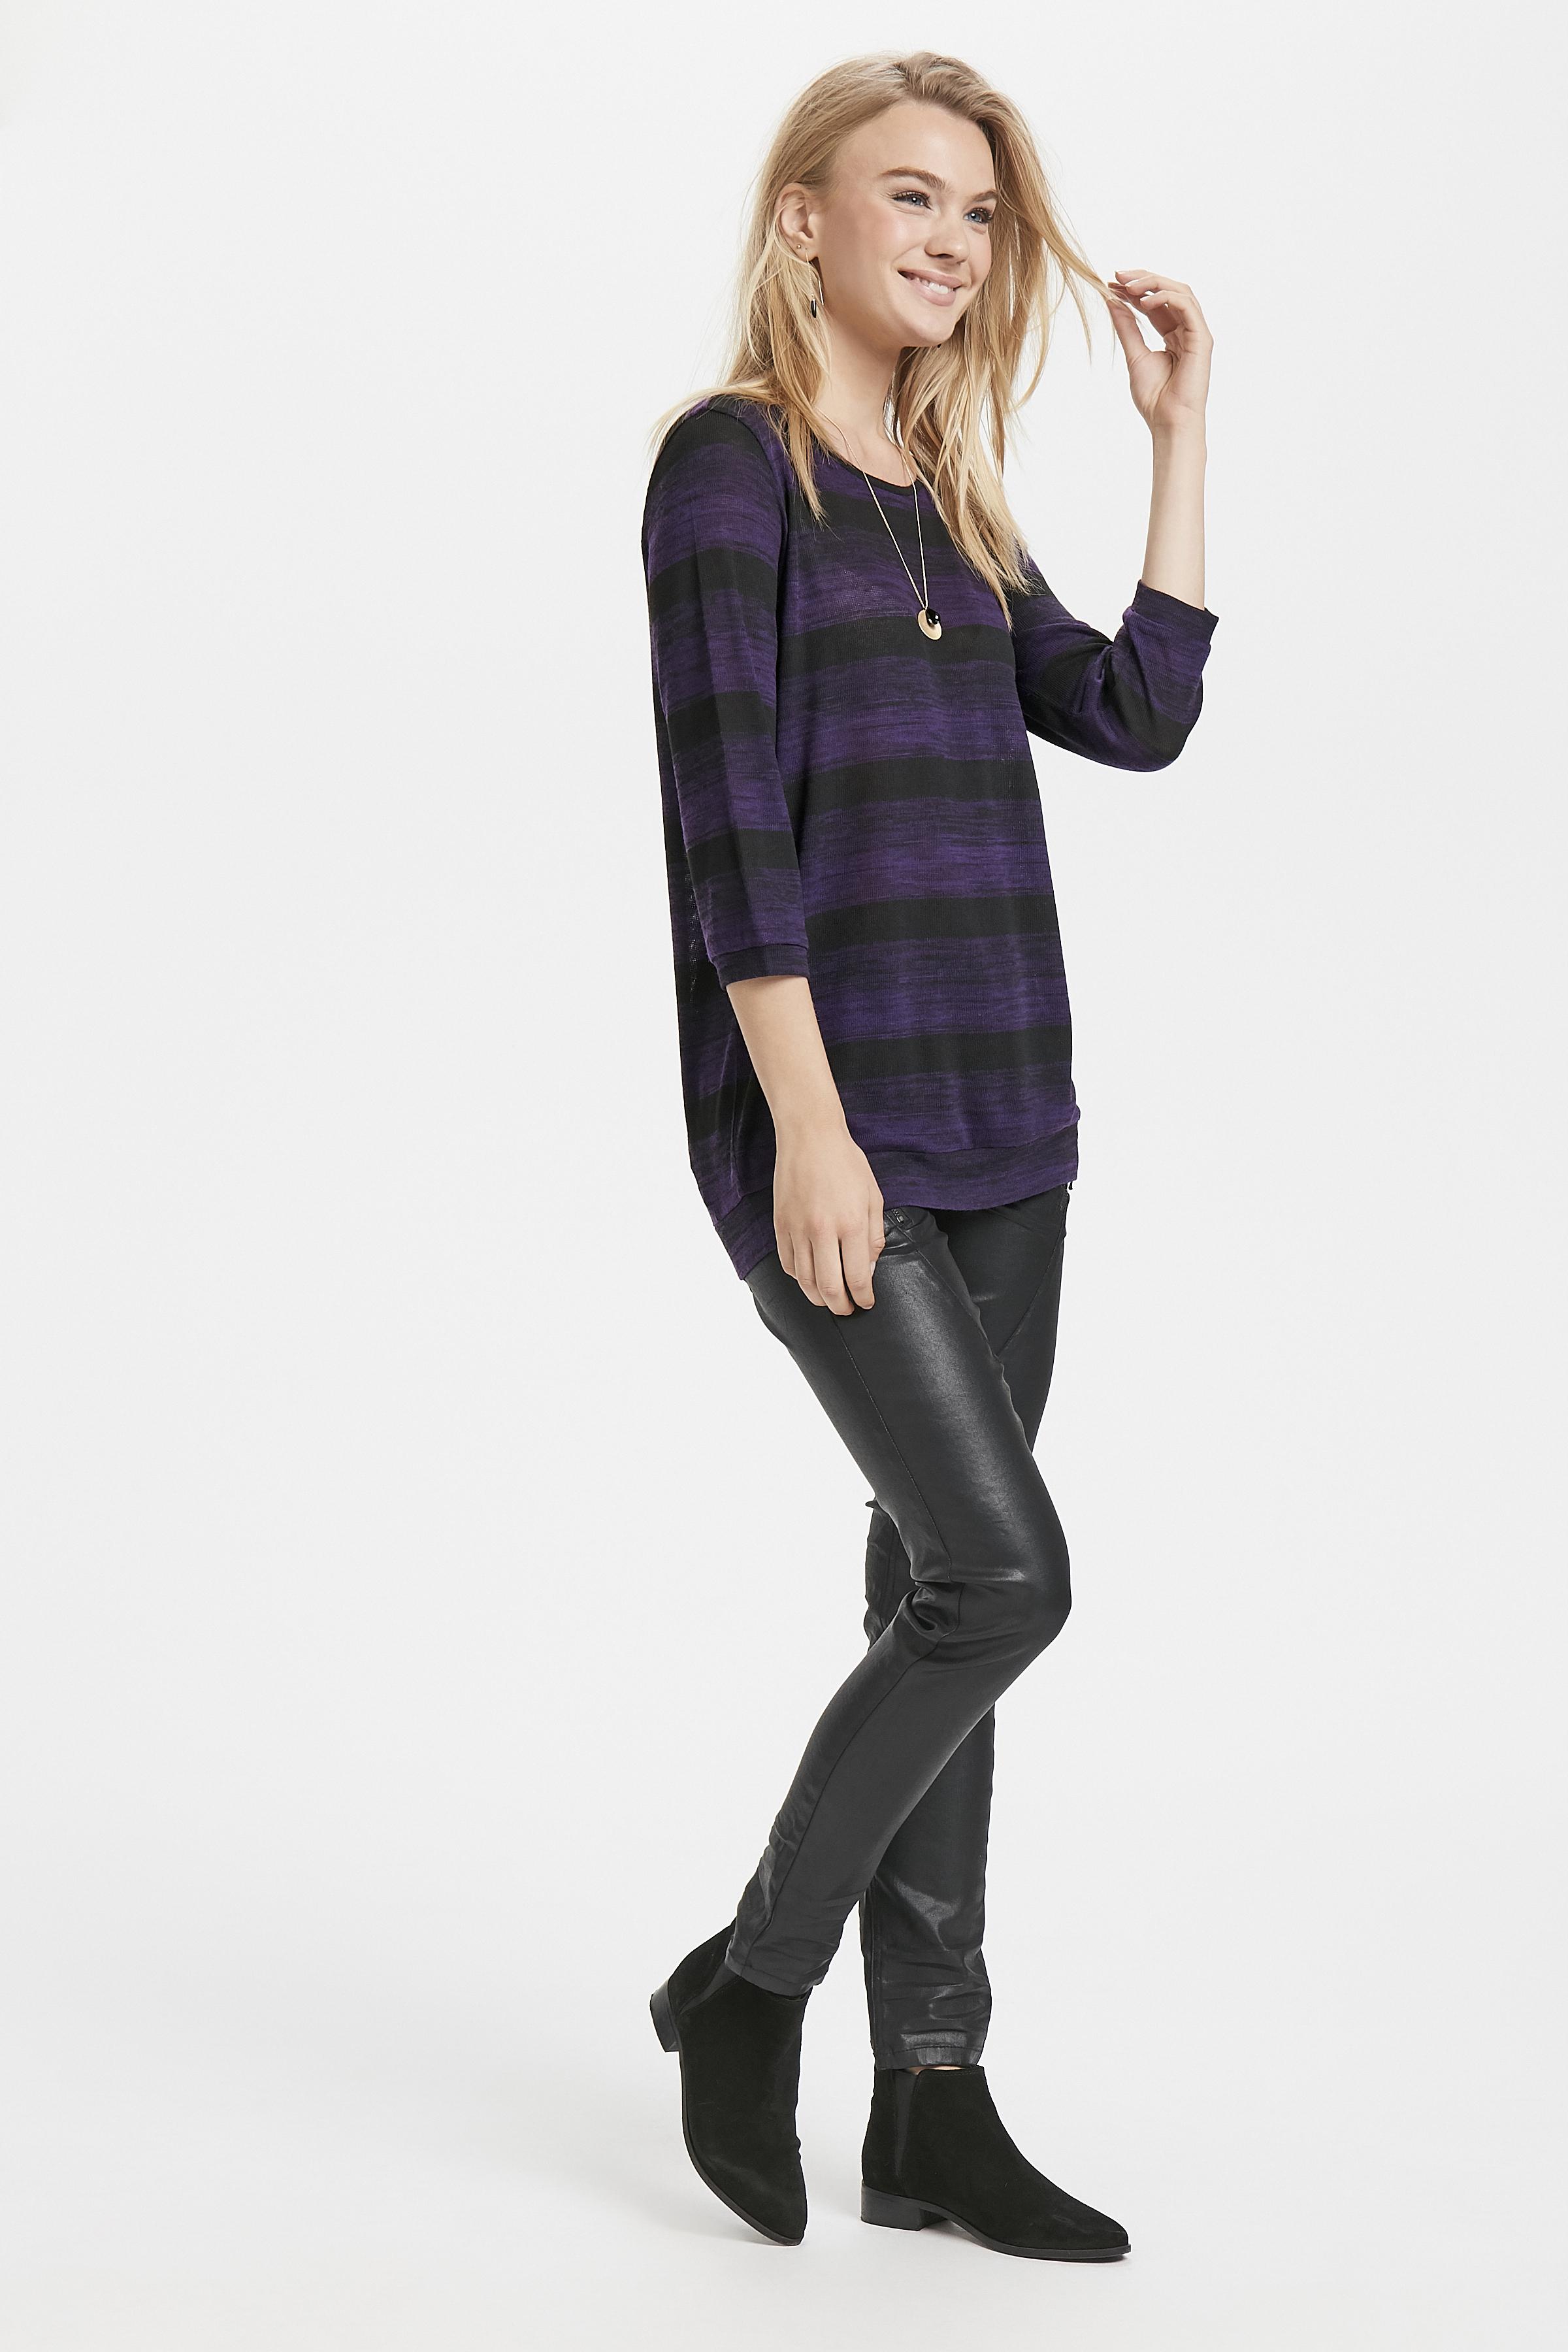 Sort/lilla Kortærmet bluse  fra Fransa – Køb Sort/lilla Kortærmet bluse  fra str. XS-XXL her